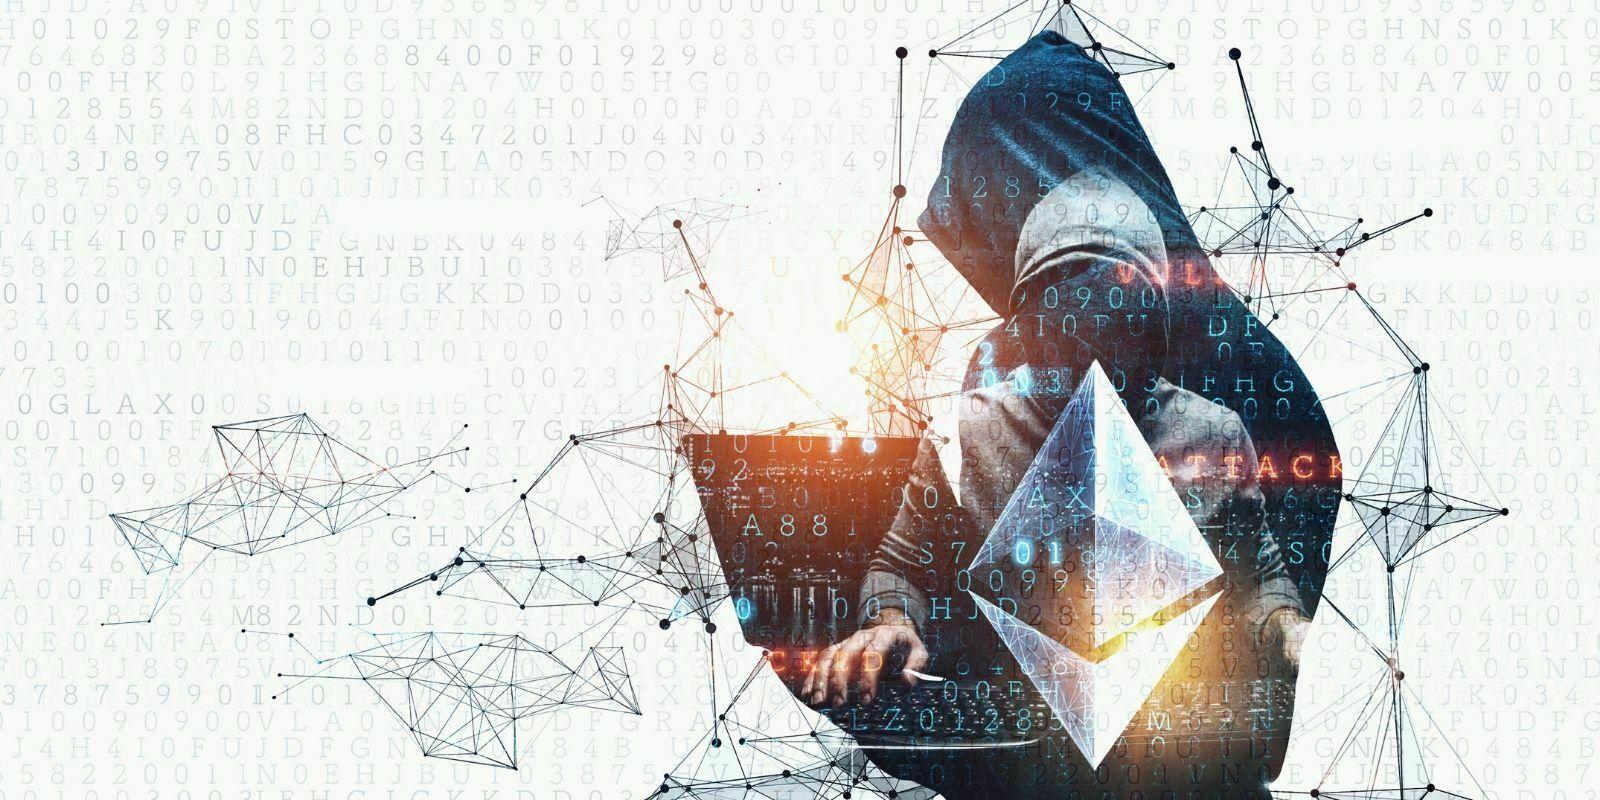 DeFi : un hacker exploite une faille du protocole Balancer et draine $450k